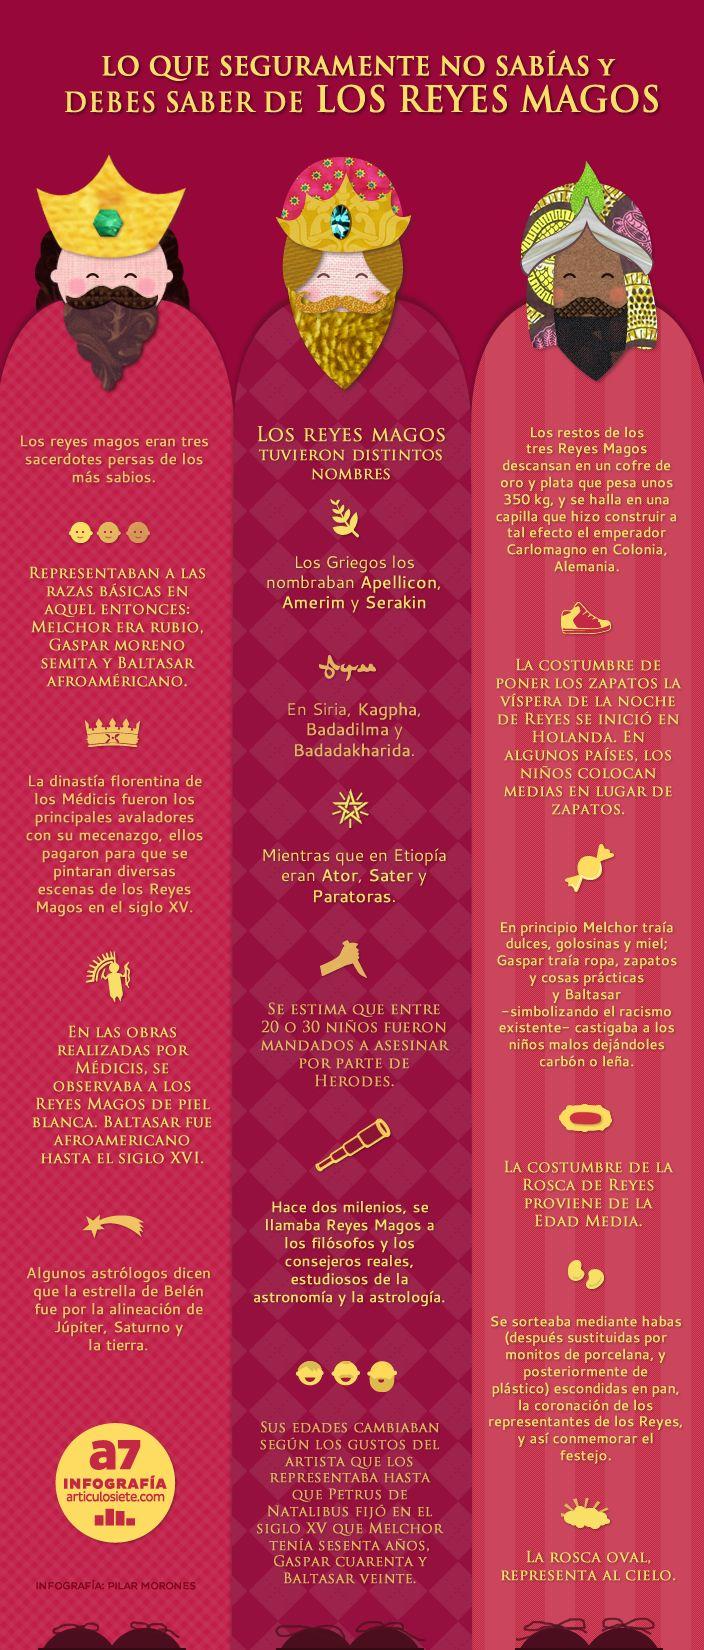 Lo que no sabías de los Reyes Magos #infografia #infographic